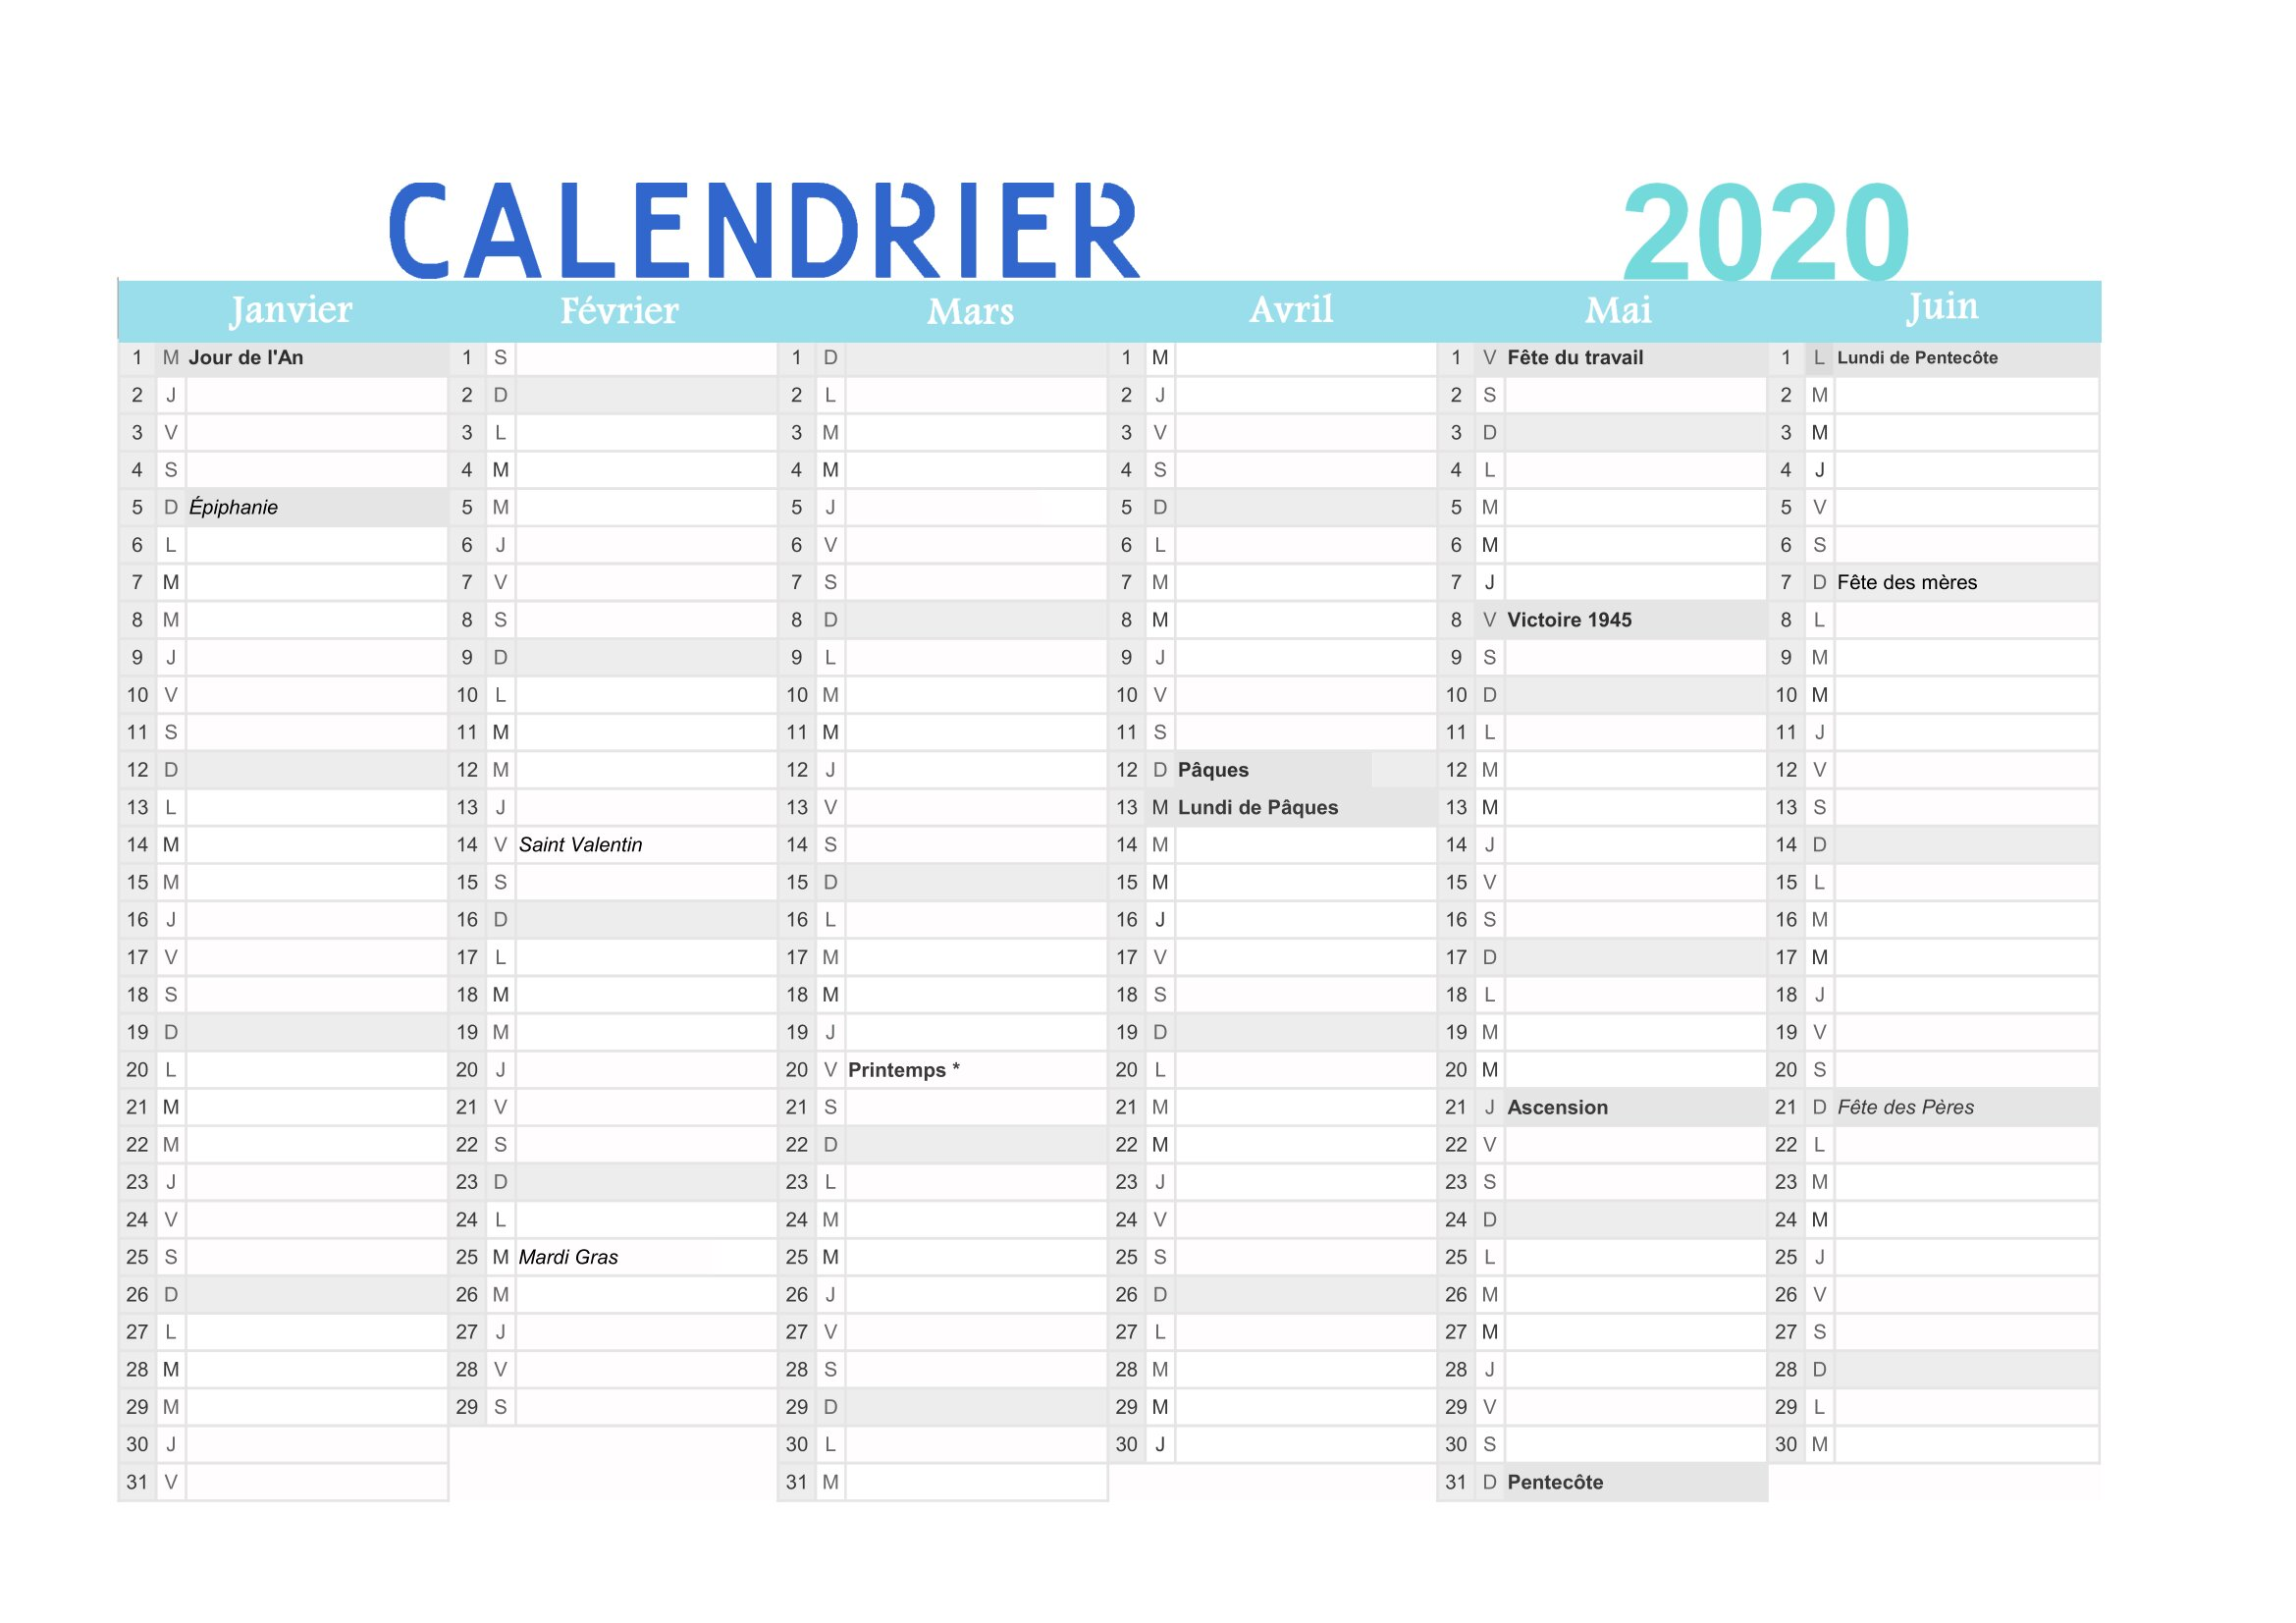 Calendrier 2020 à Imprimer Gratuit Au Format Pdf